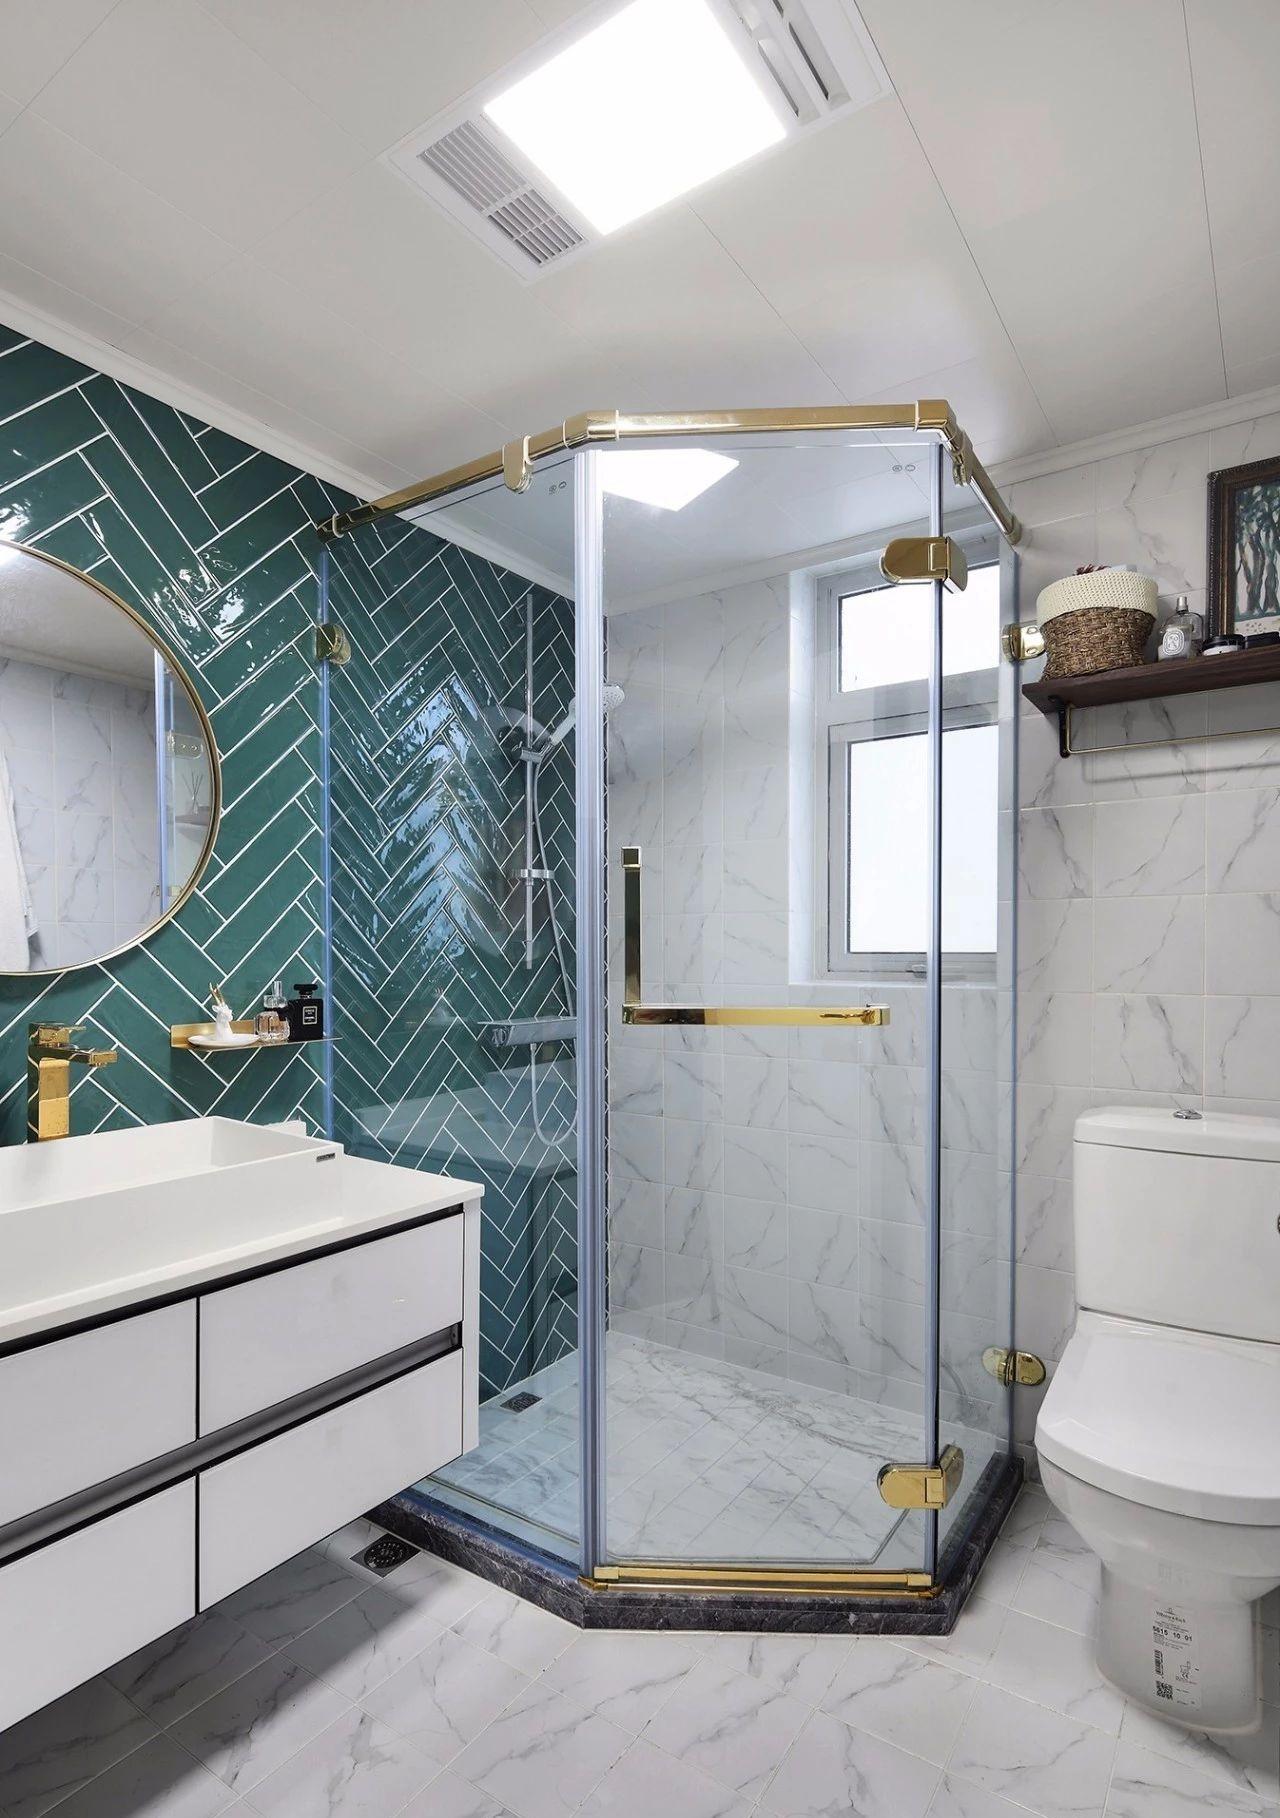 混搭 轻奢 现代 元素 全案设计 卫生间图片来自鹏友百年装饰在温柔雅奢INS风的分享